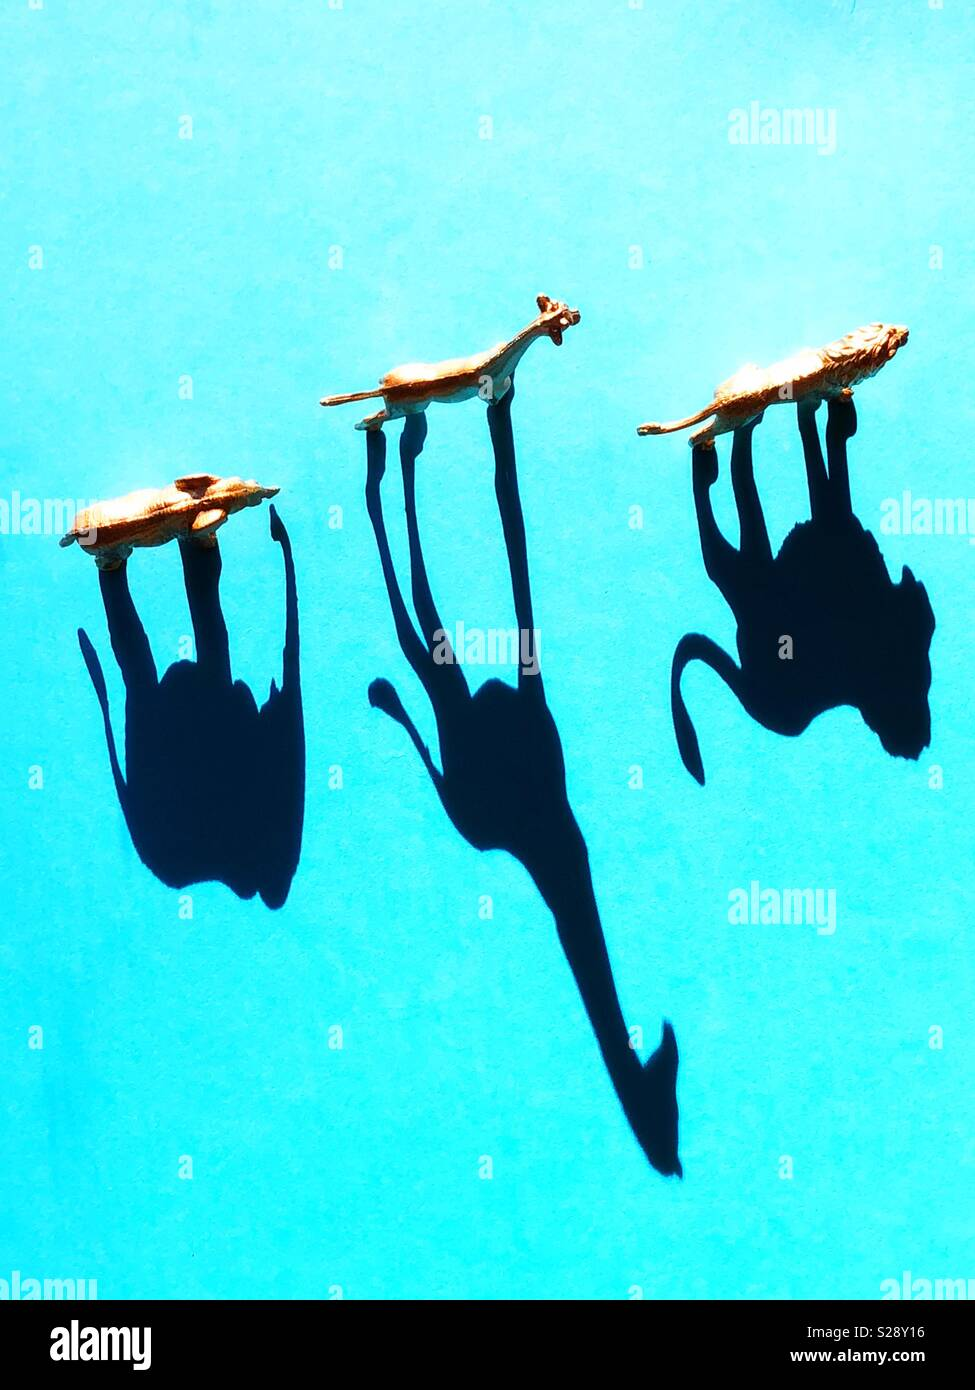 Exotisches Tier Figuren und Schatten. Stockbild